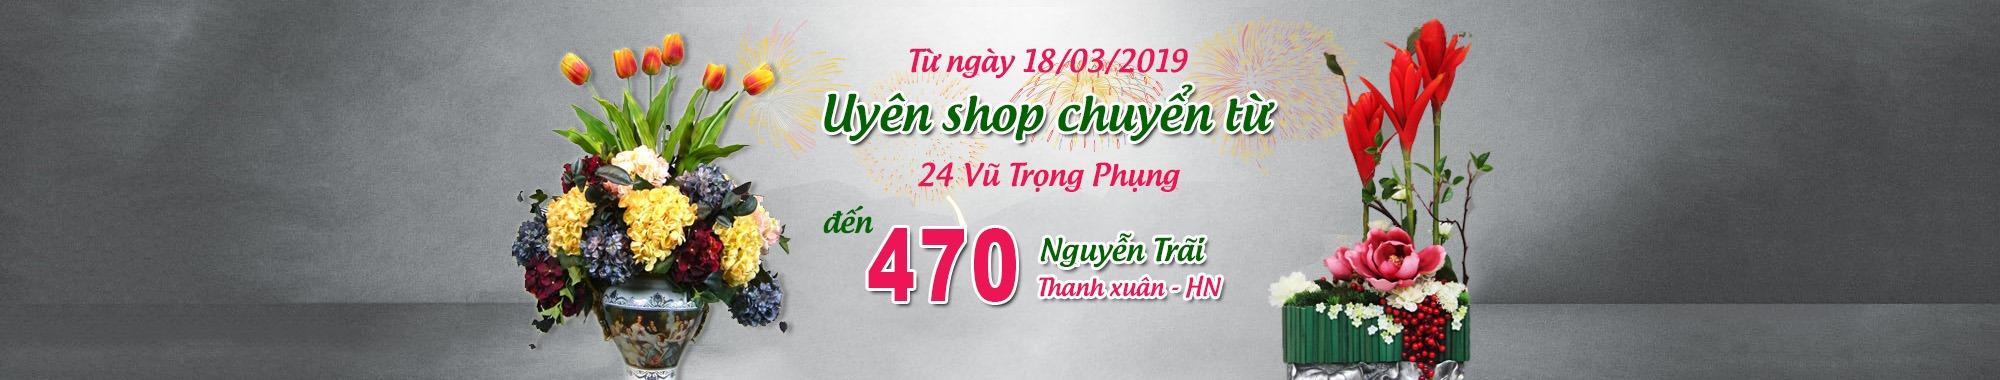 uyen-shop-470-nguyen-trai